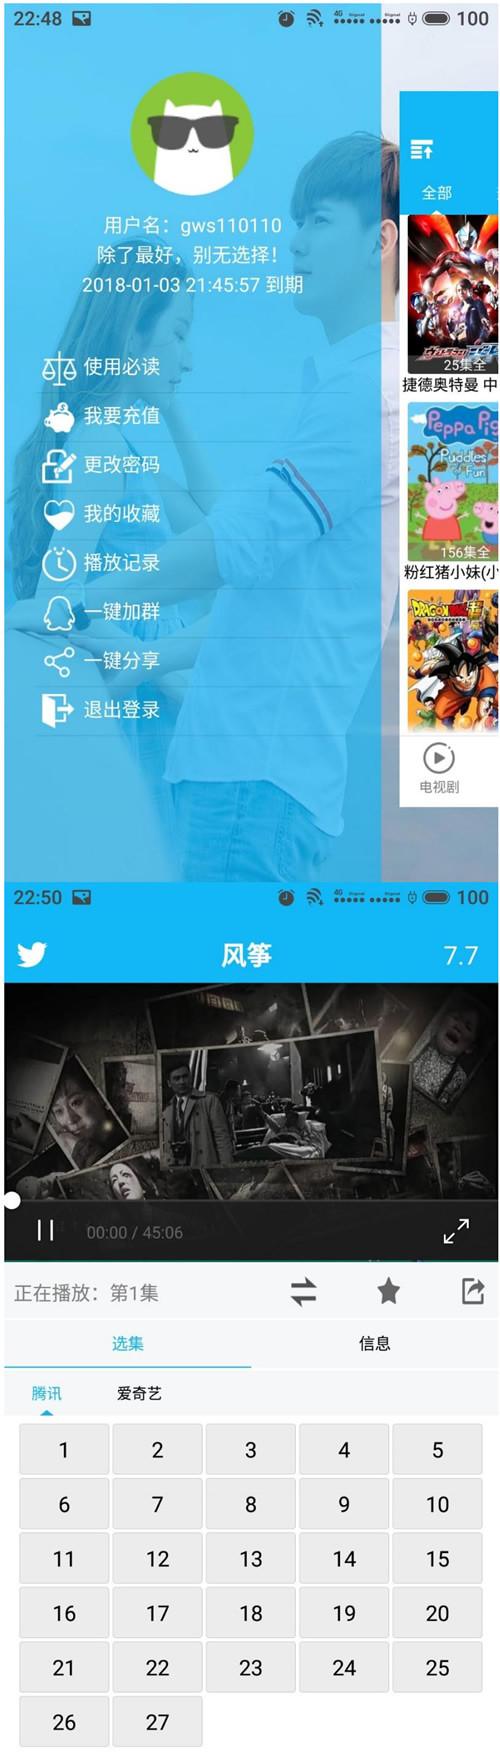 最新E4a源码app解析全网VIP视频源码 带充值卡和网页后台